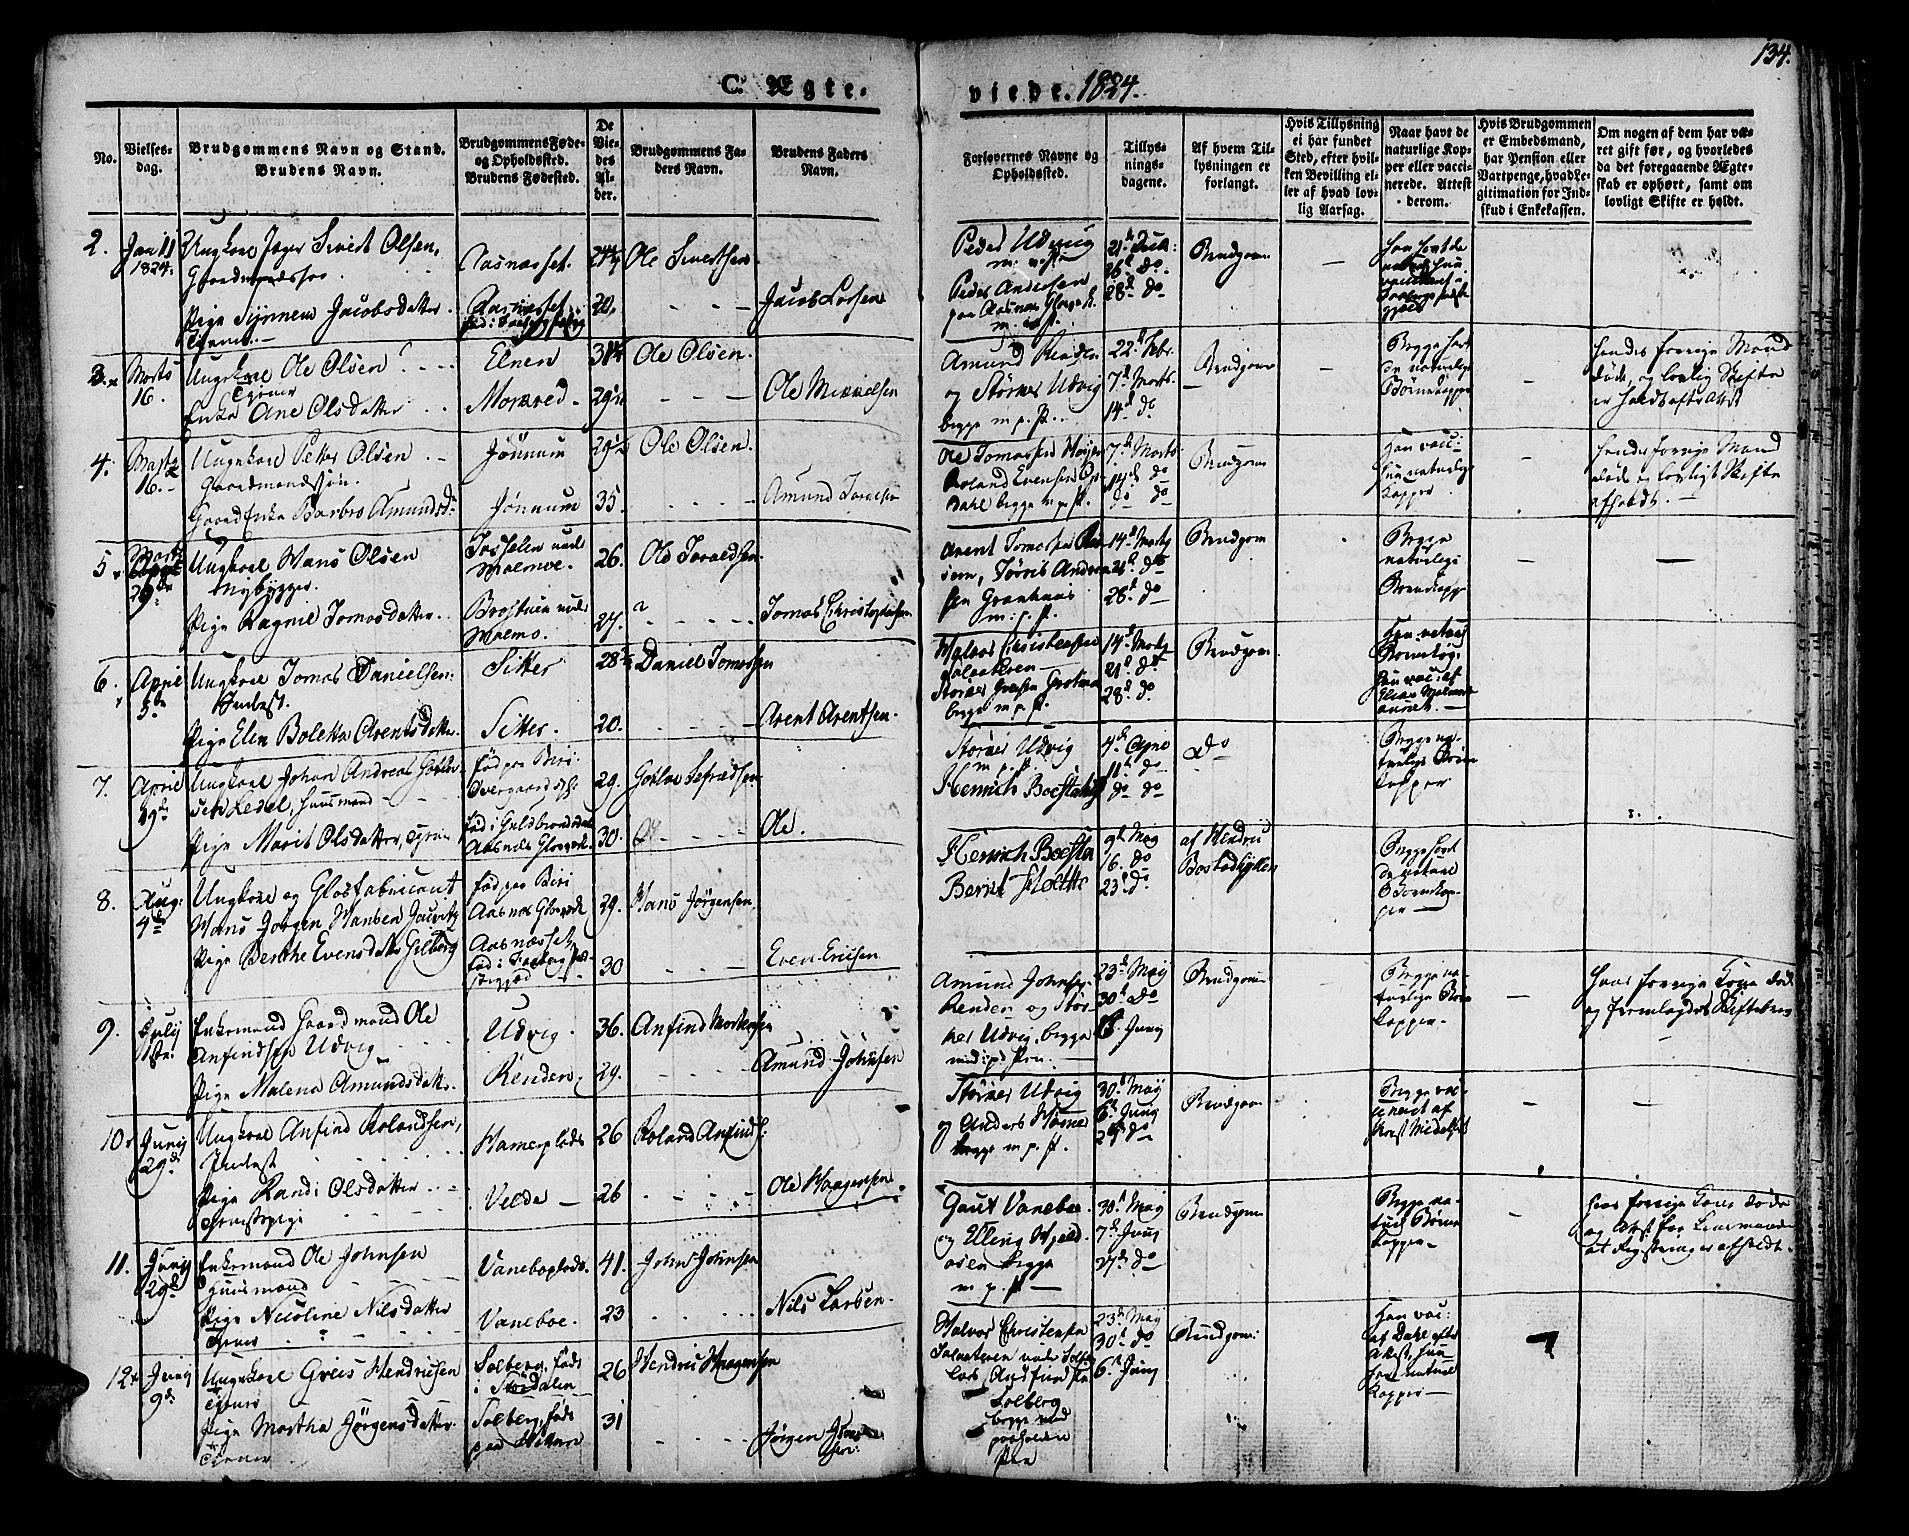 SAT, Ministerialprotokoller, klokkerbøker og fødselsregistre - Nord-Trøndelag, 741/L0390: Ministerialbok nr. 741A04, 1822-1836, s. 134